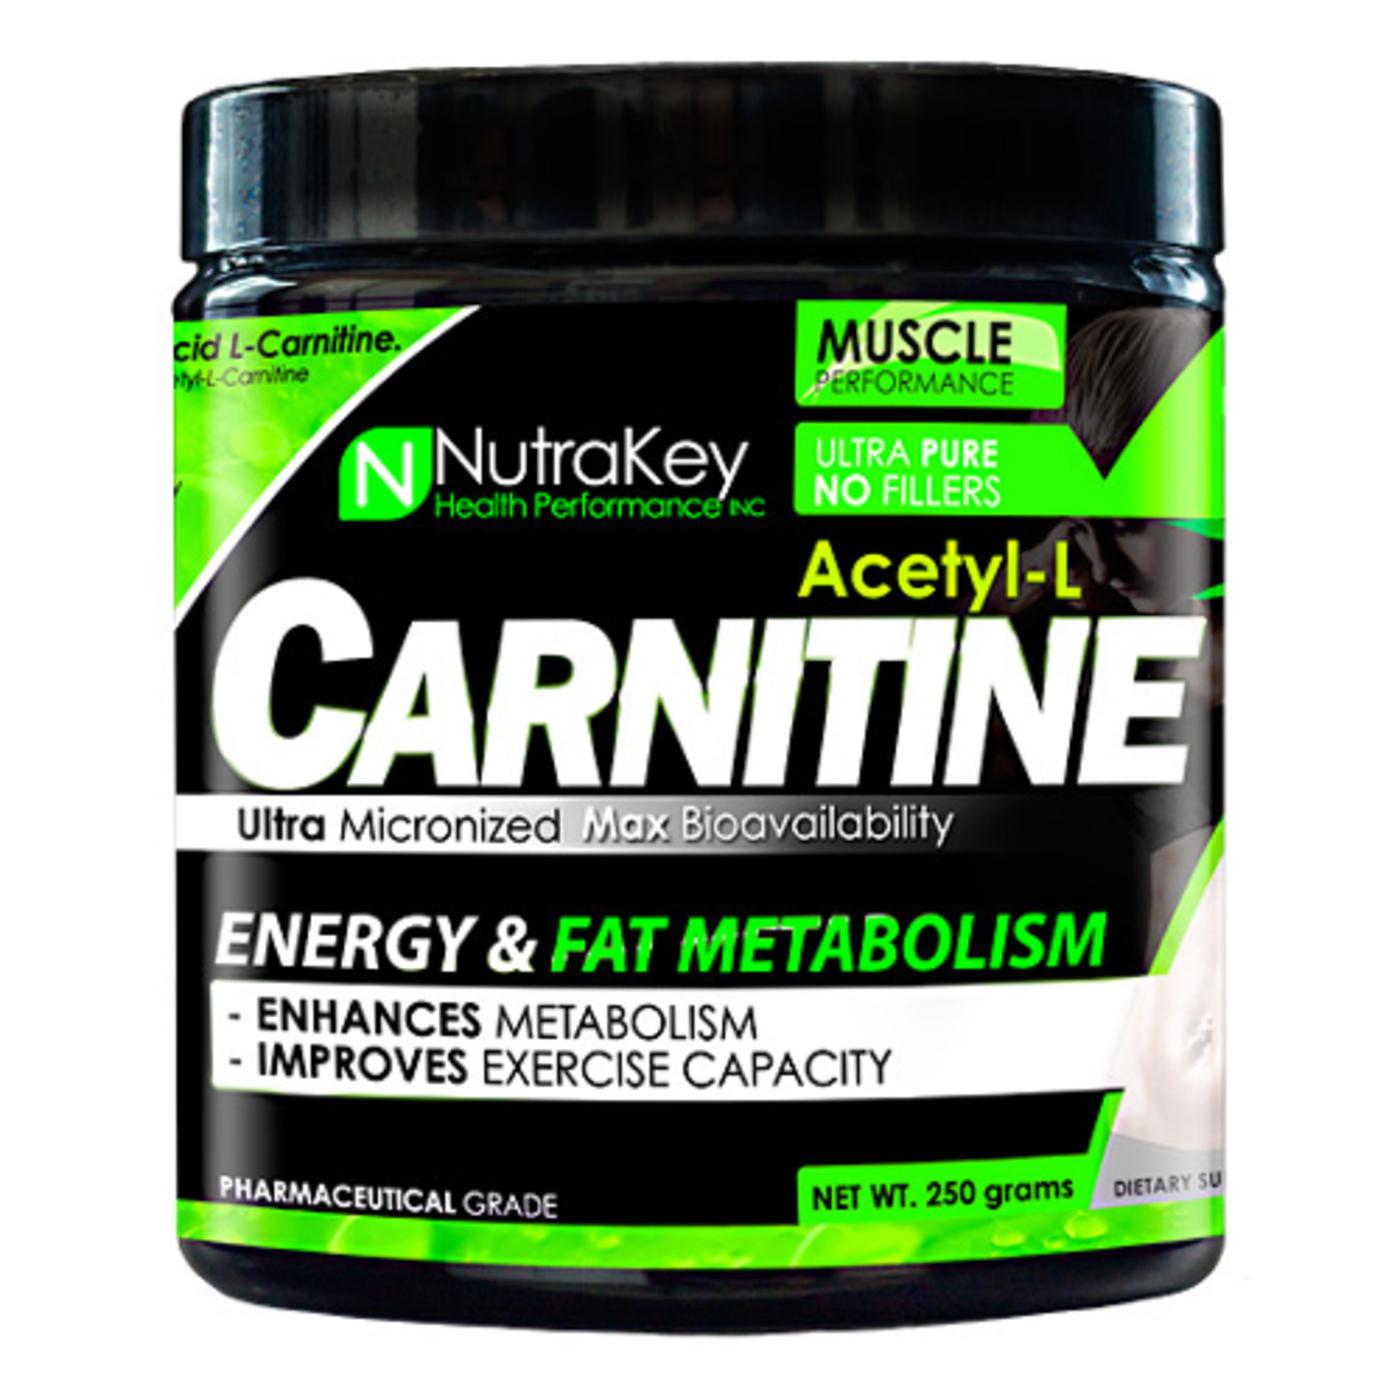 nutrakey acetyl-l-carnitine - 250 g powder